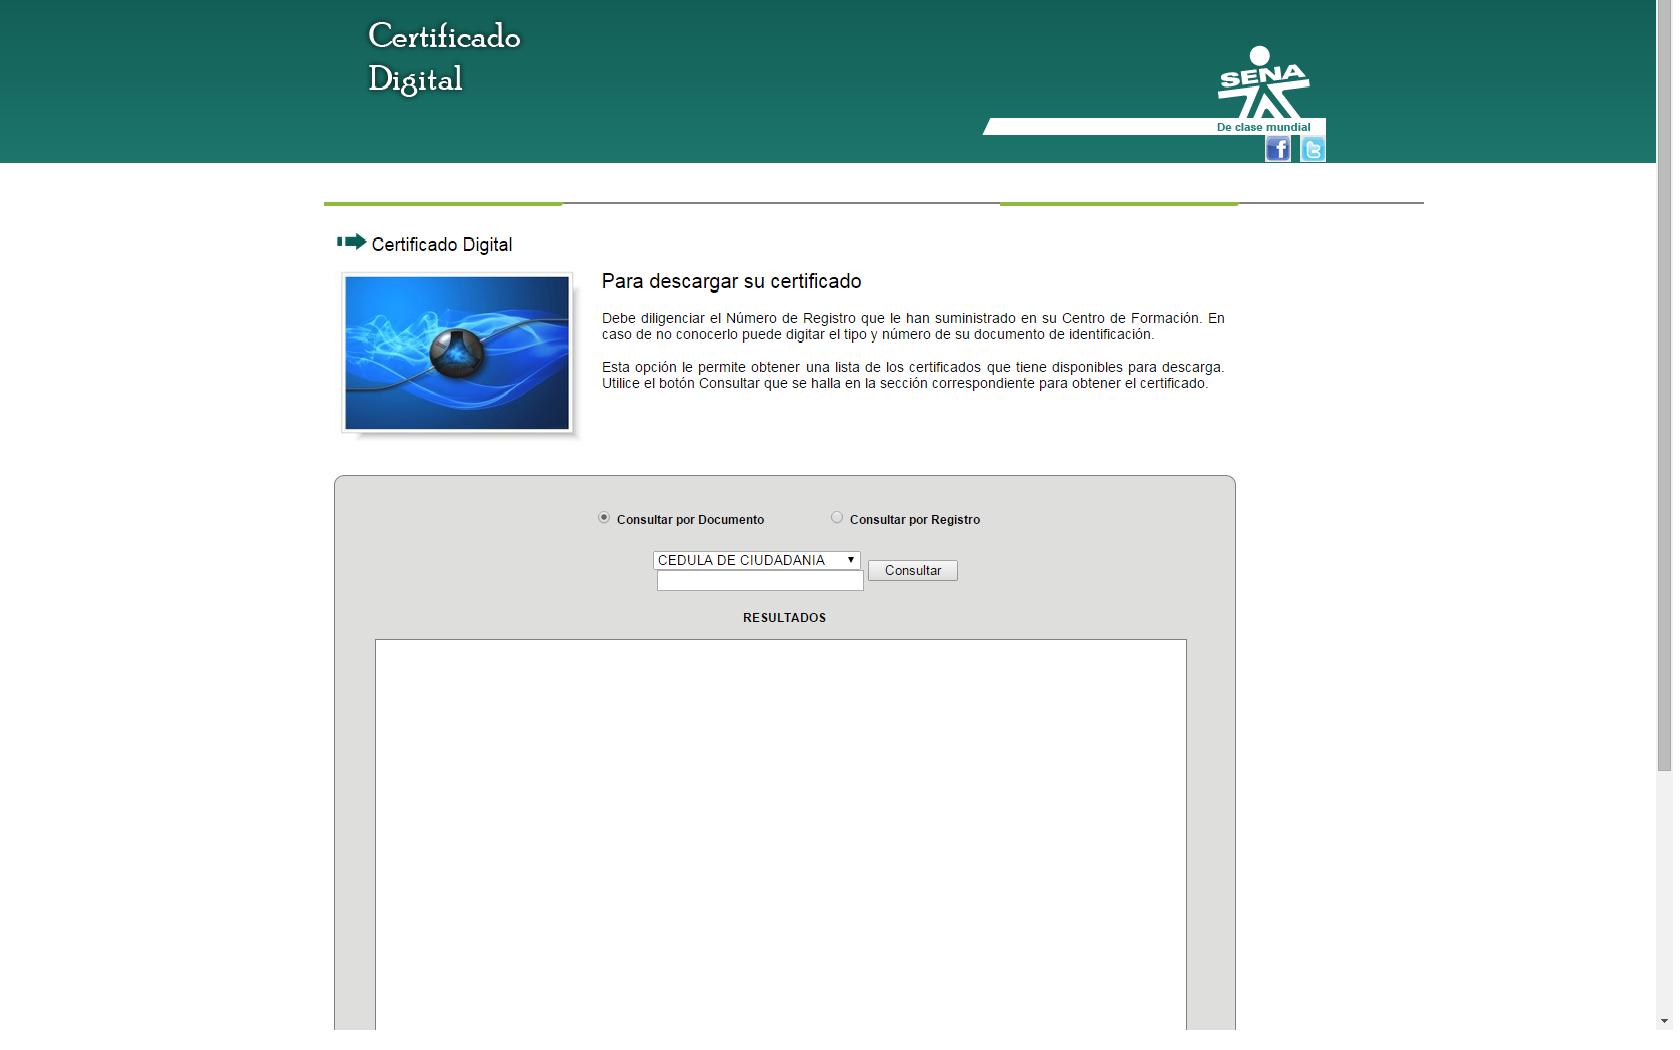 http://certificados.sena.edu.co/